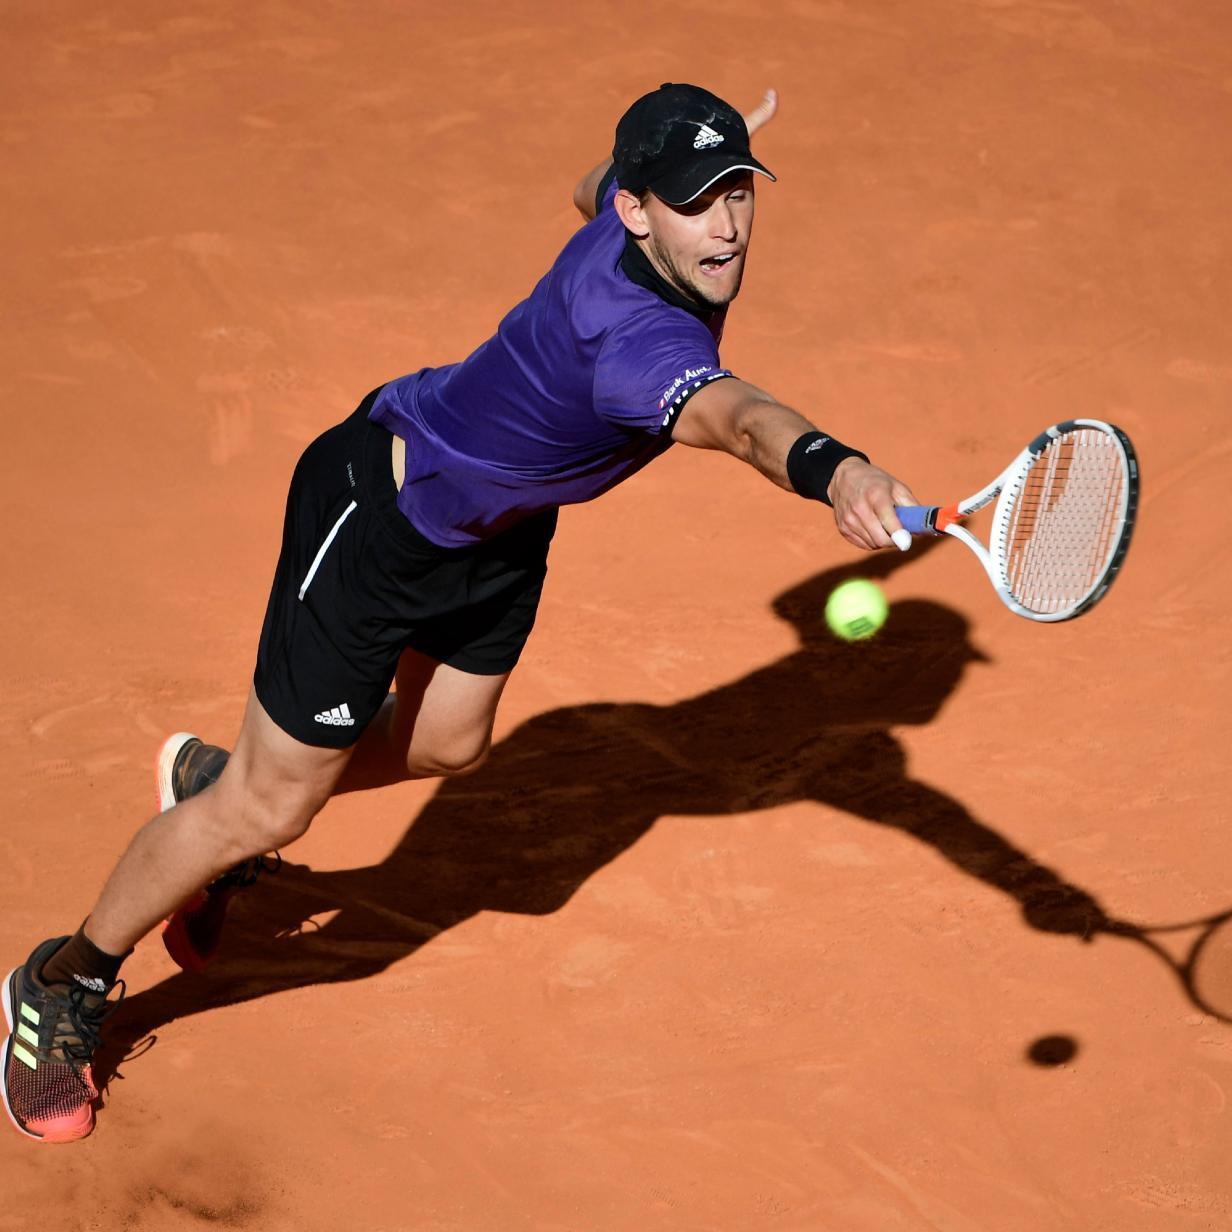 Thiem bleibt sein erster ATP-Doppel-Titel verwehrt